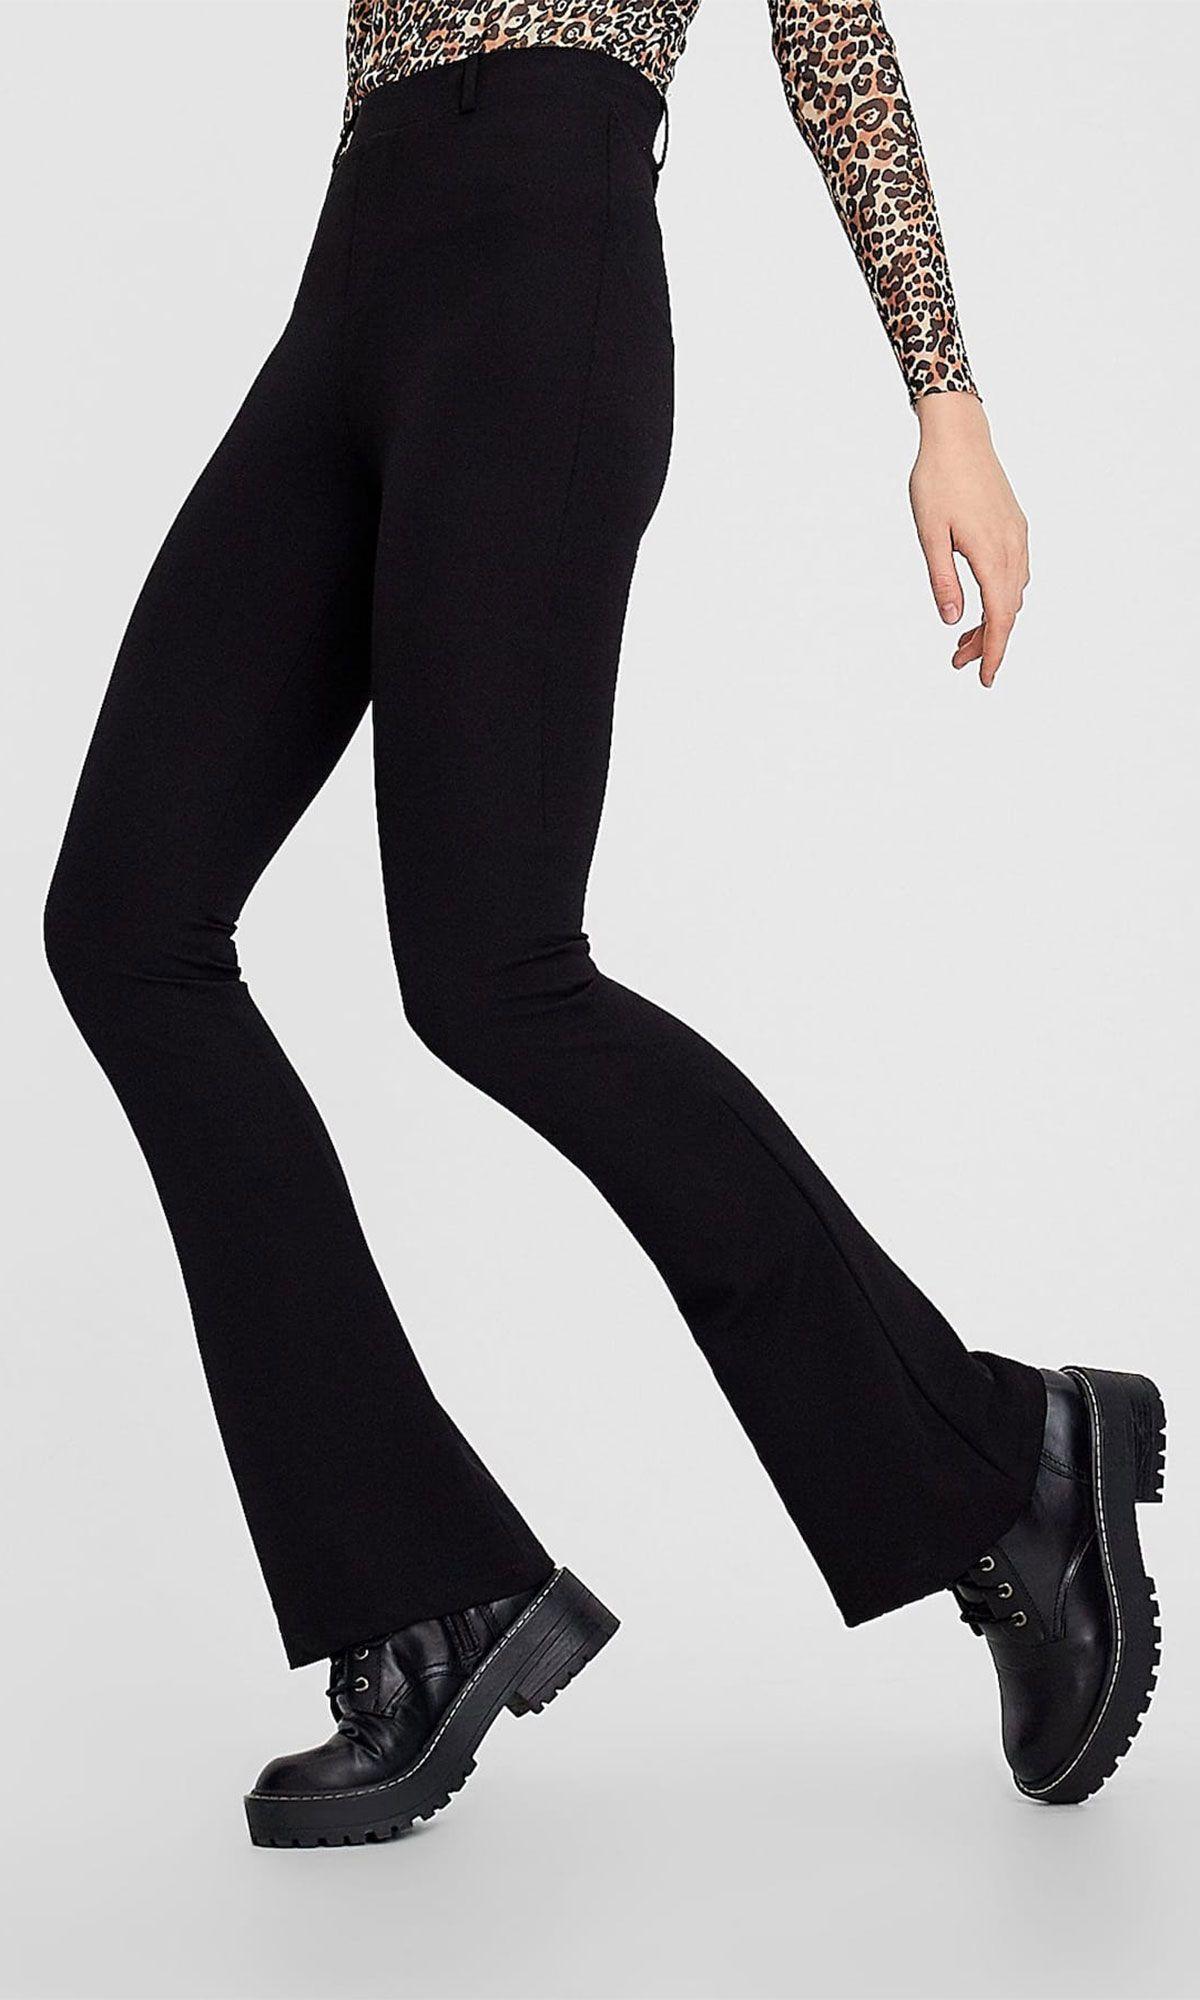 Este Pantalon Flare Negro De Stradivarius Hace Las Piernas Largas